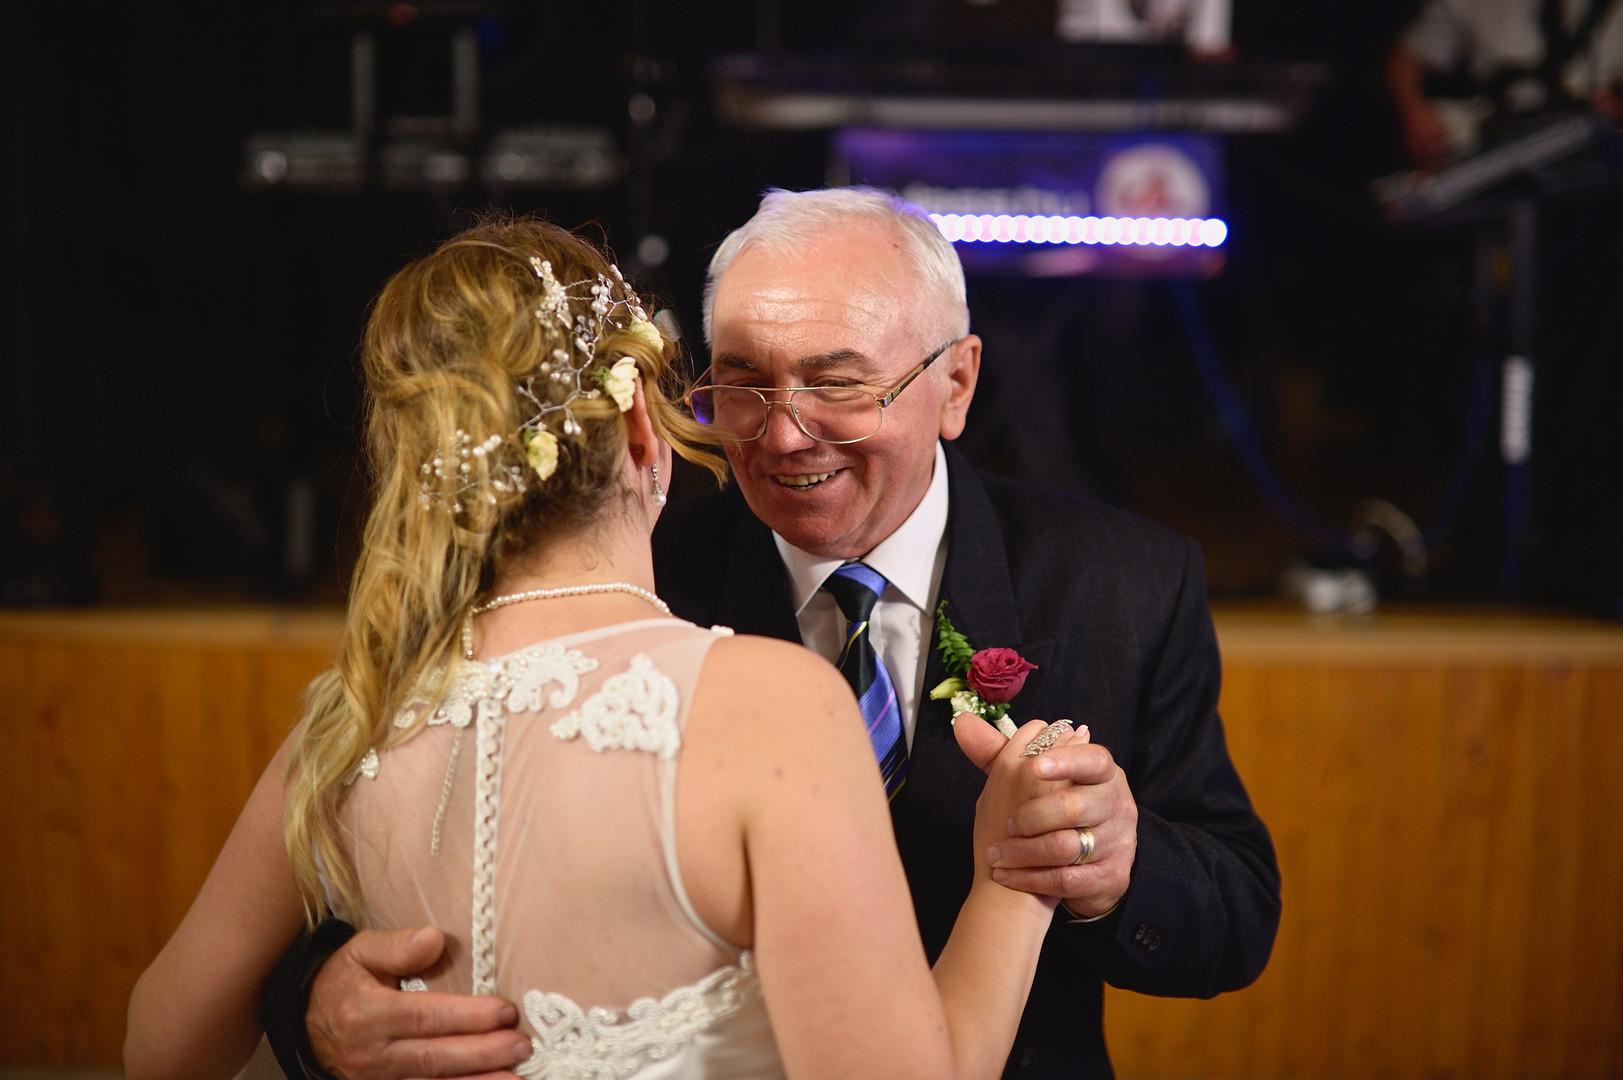 715  Esküvői fotózás - Enikő és Peti Bul